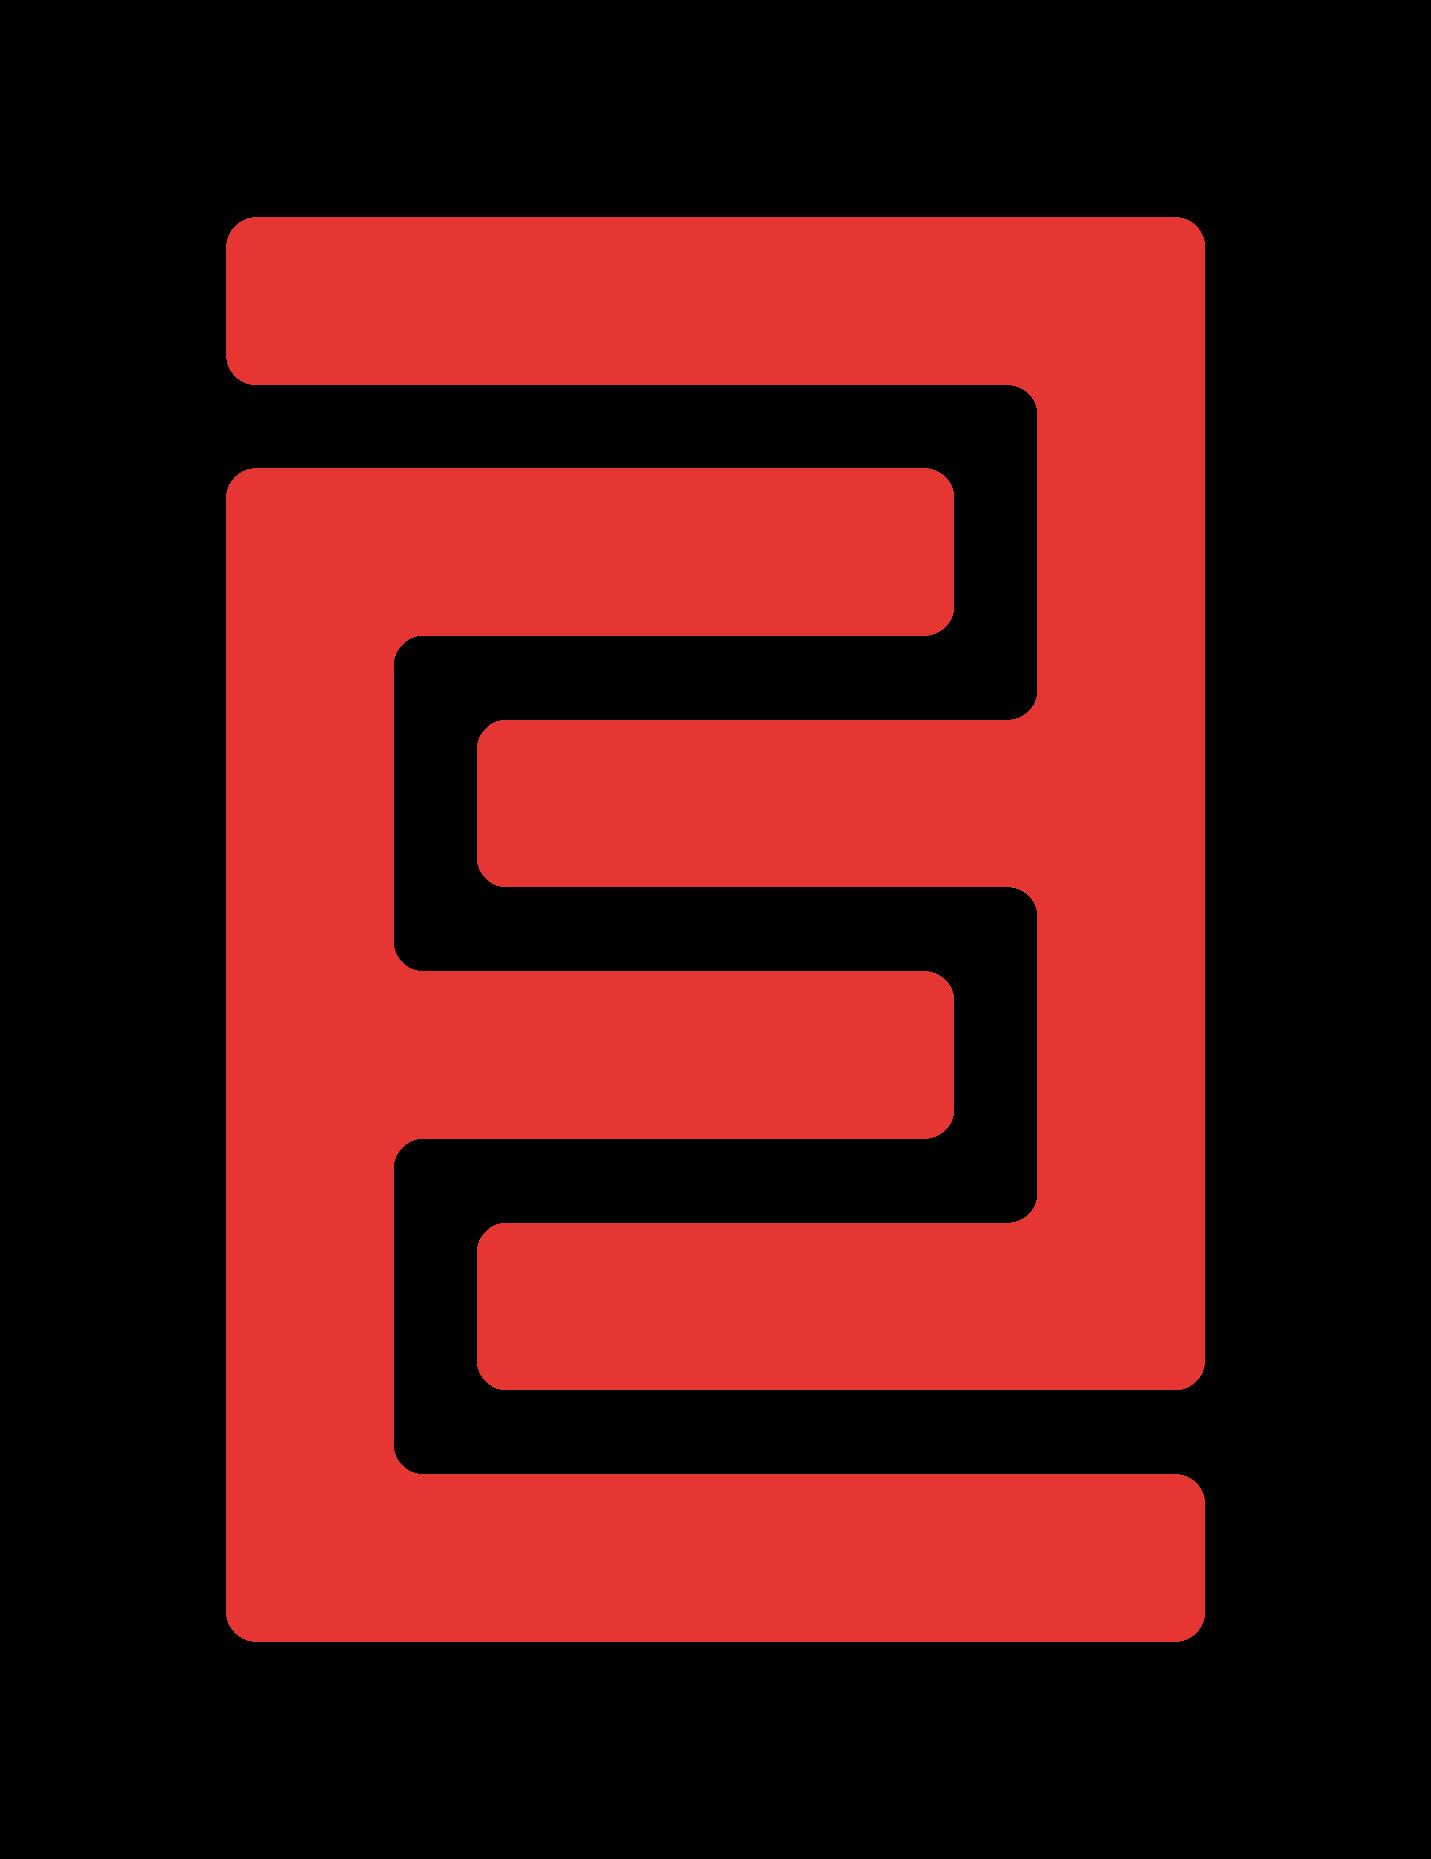 Equatorius Capital Group